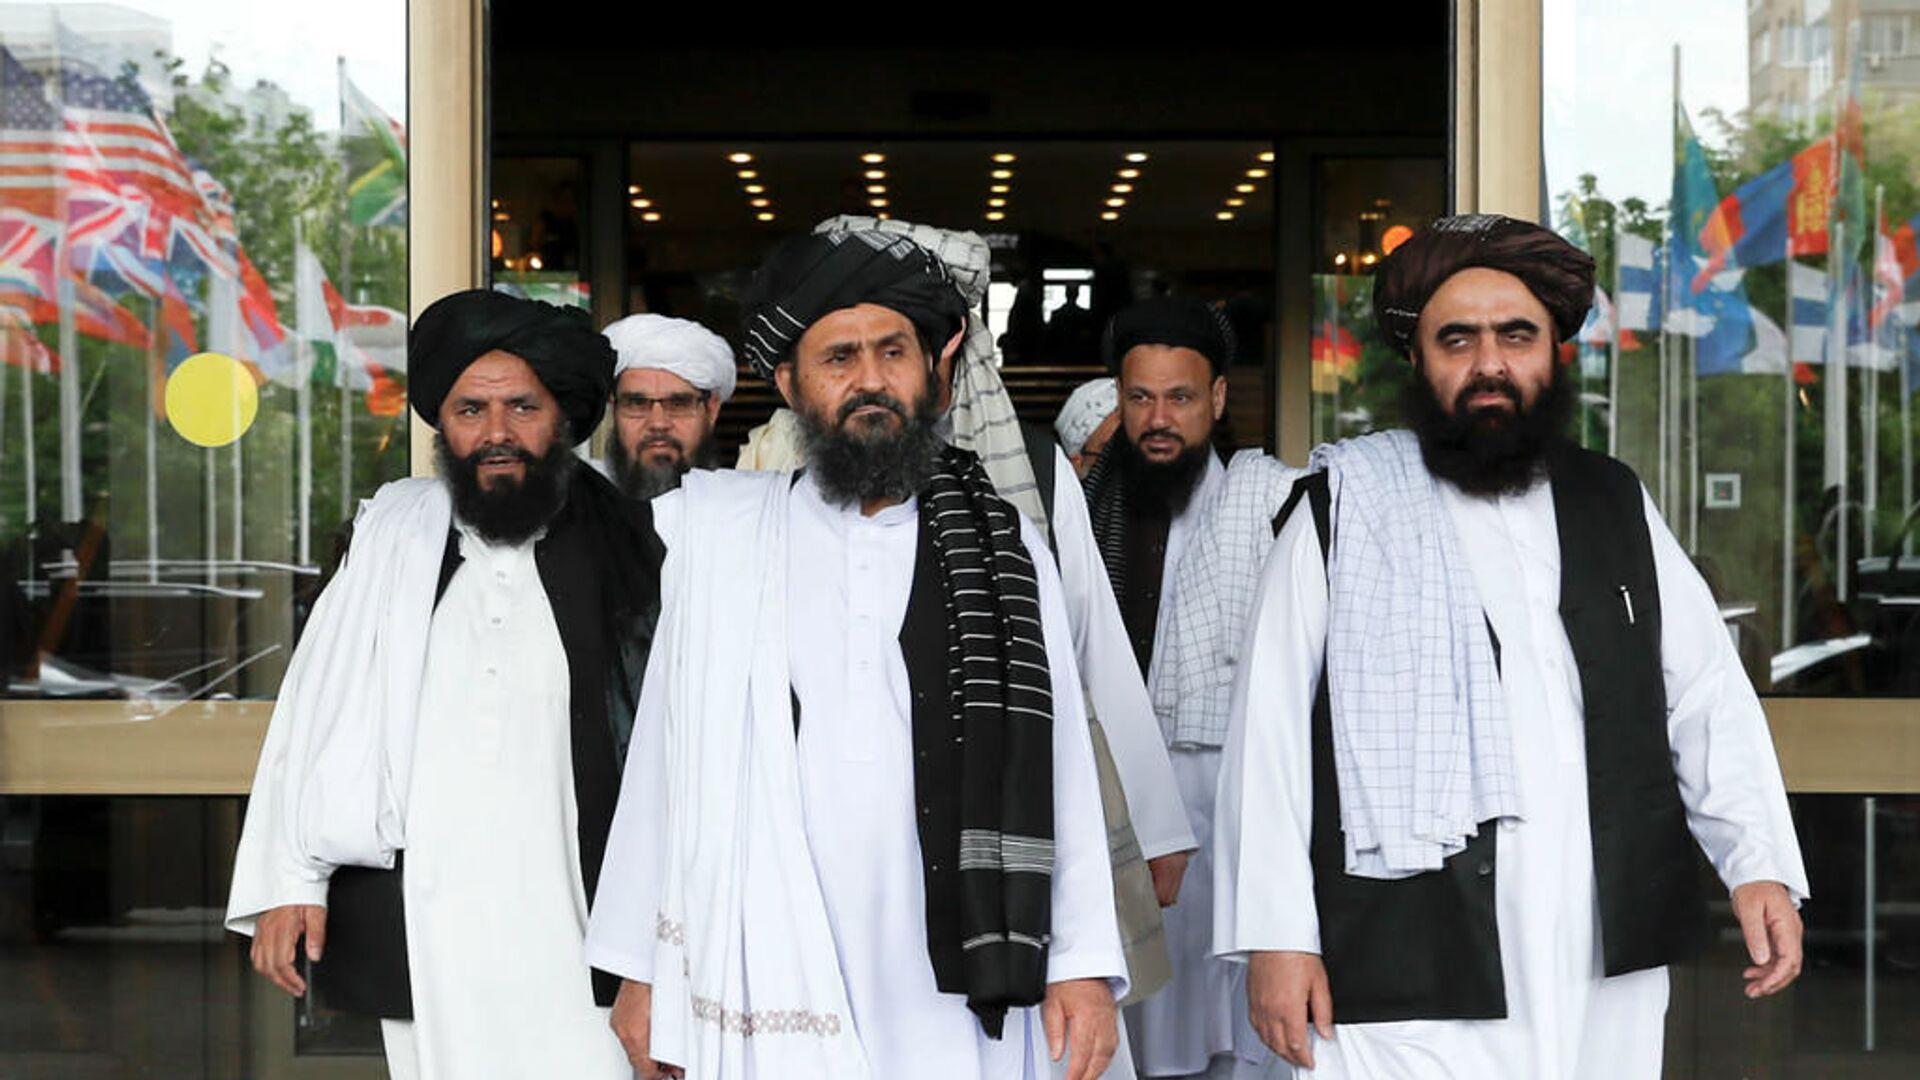 Taliban'ın Katar'daki siyasi ofisinin şefi Molla Birader Ahund ve Taliban müzakere heyeti - Sputnik Türkiye, 1920, 28.07.2021